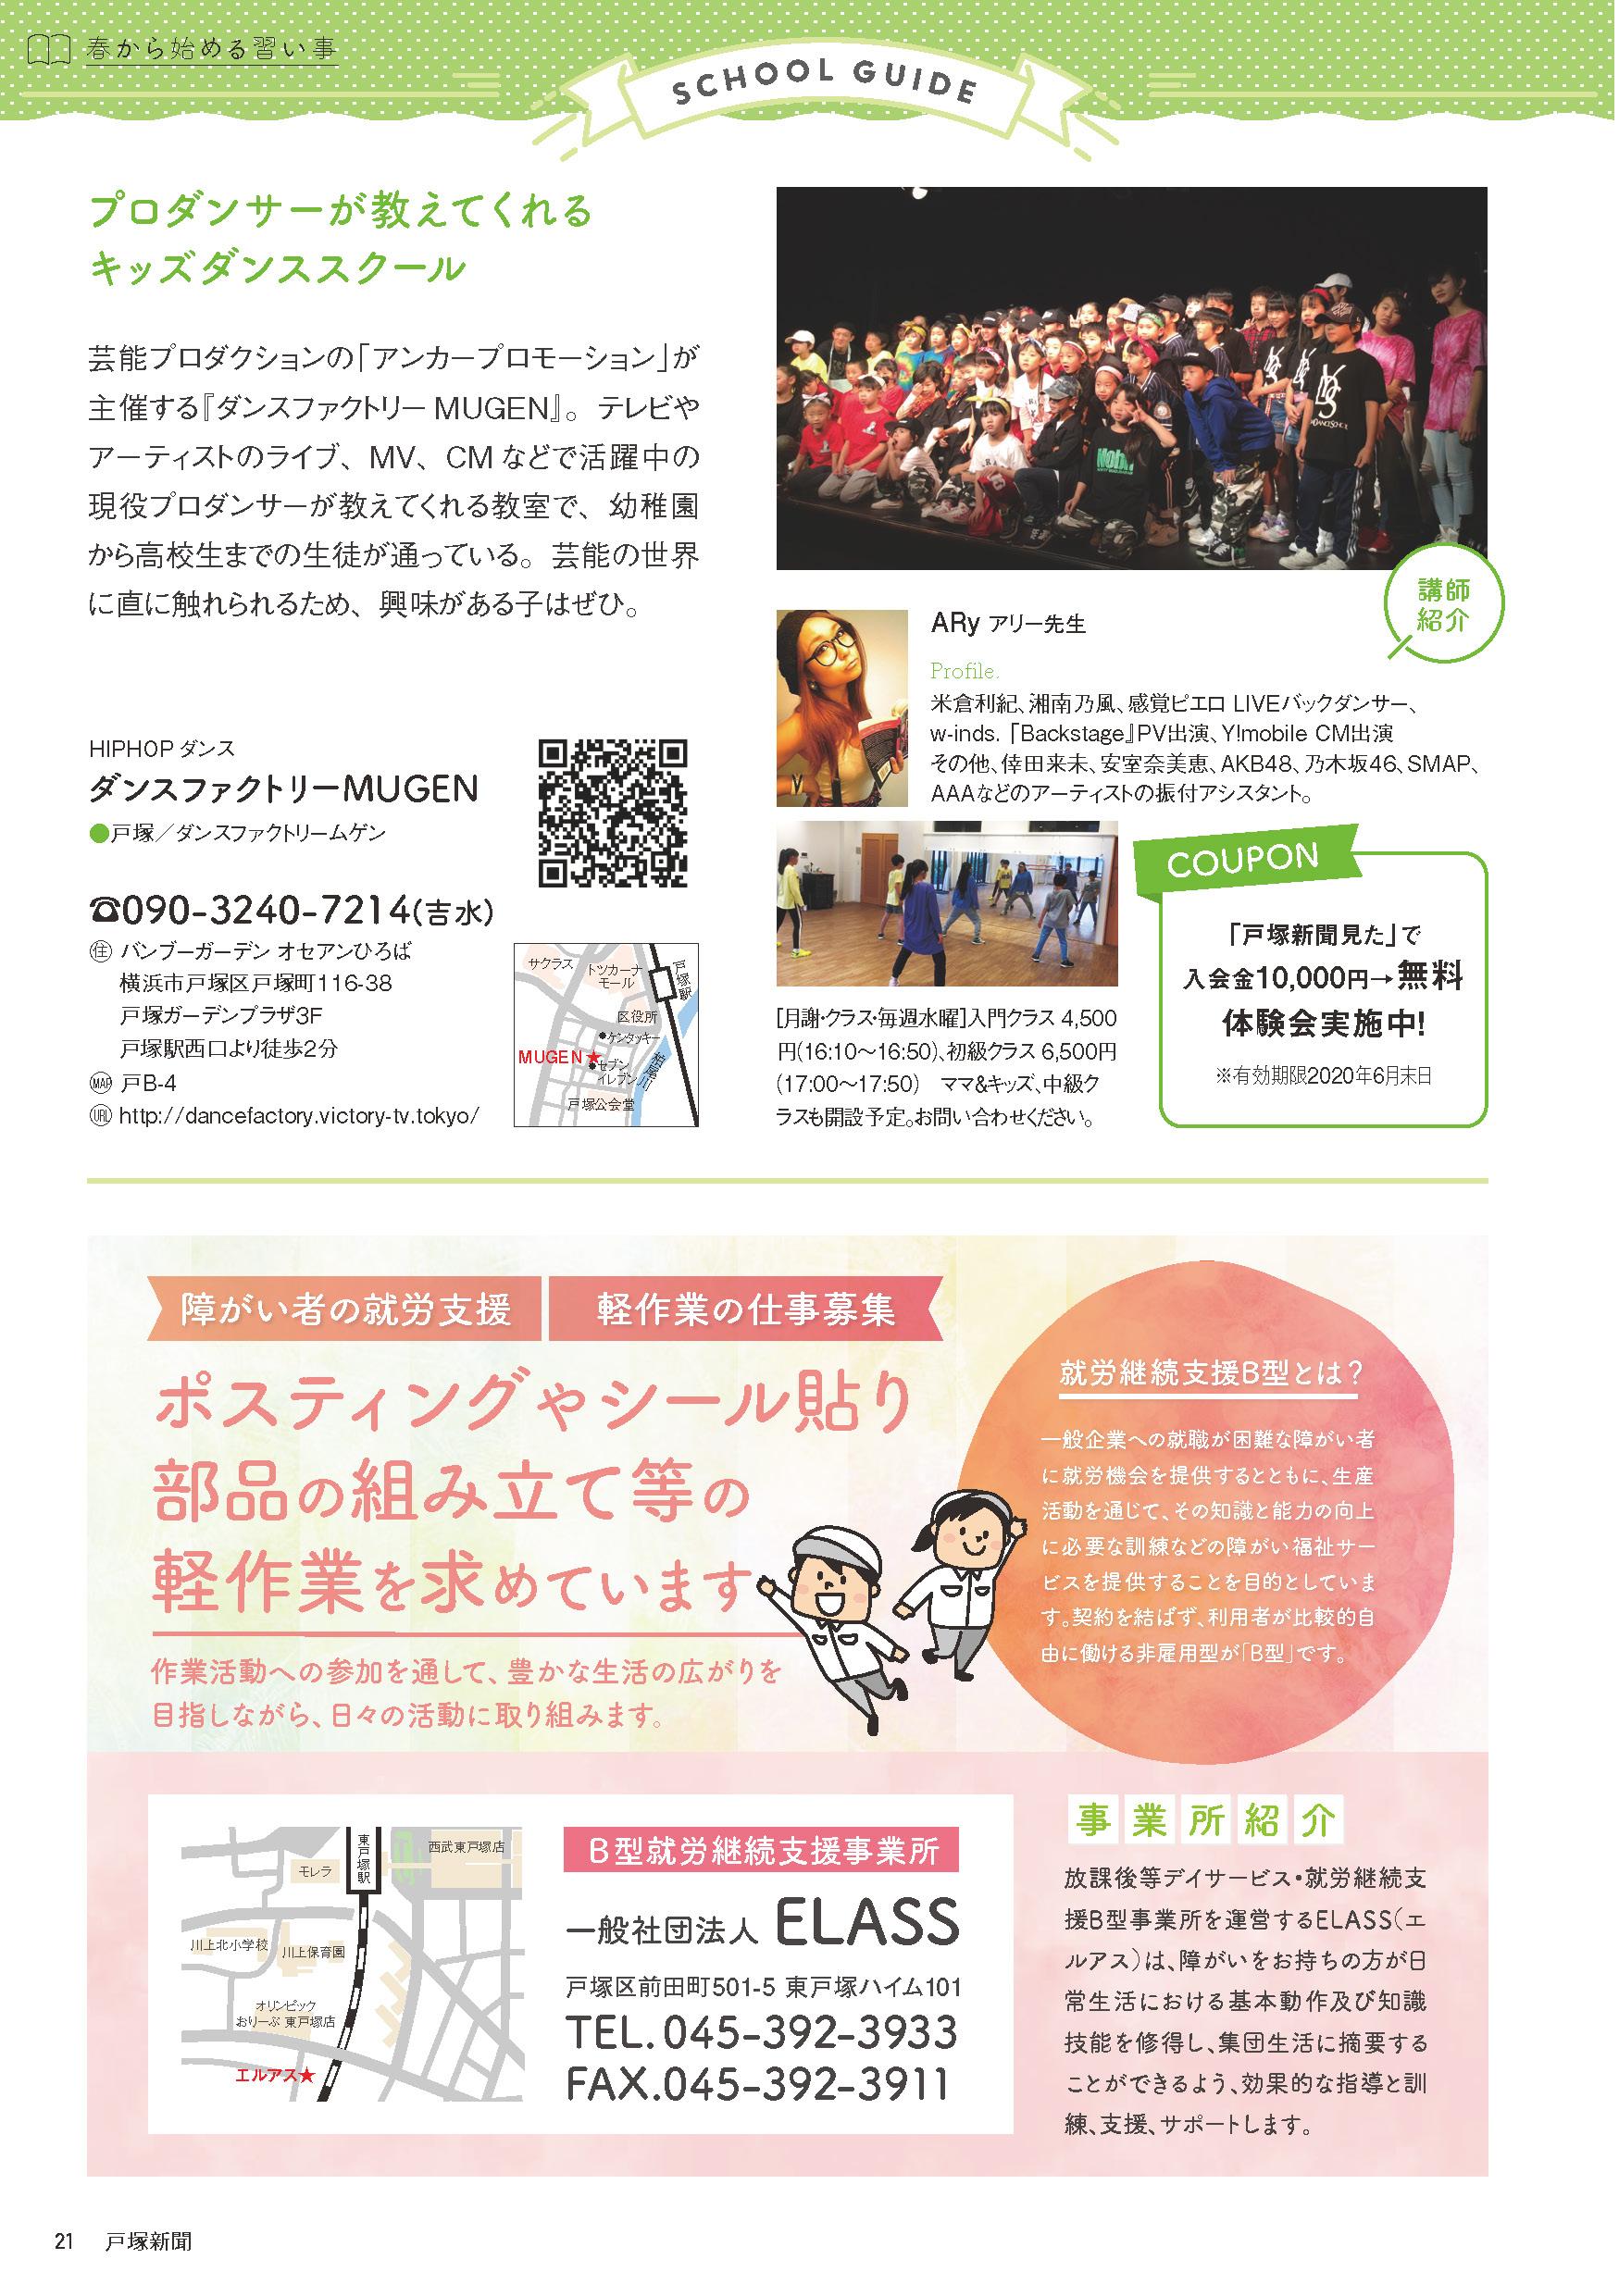 戸塚新聞2020年6月号_ページ_21